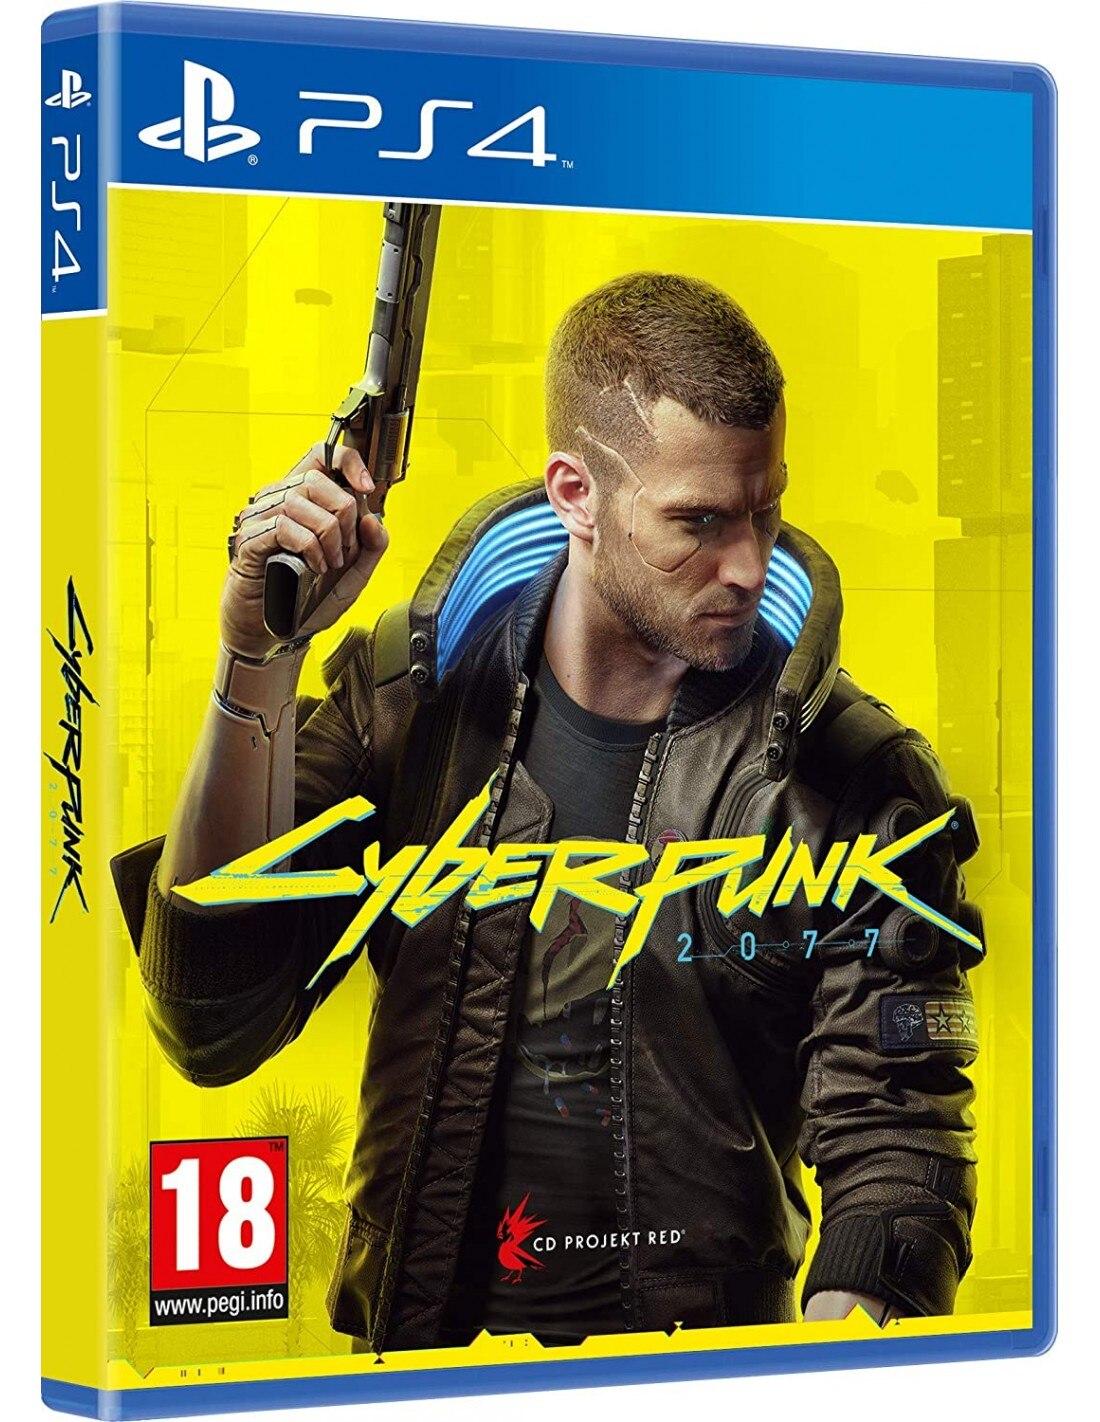 Videojuego Cyberpunk 2077 Edicion Day One PS4|Ofertas de juegos| - AliExpress